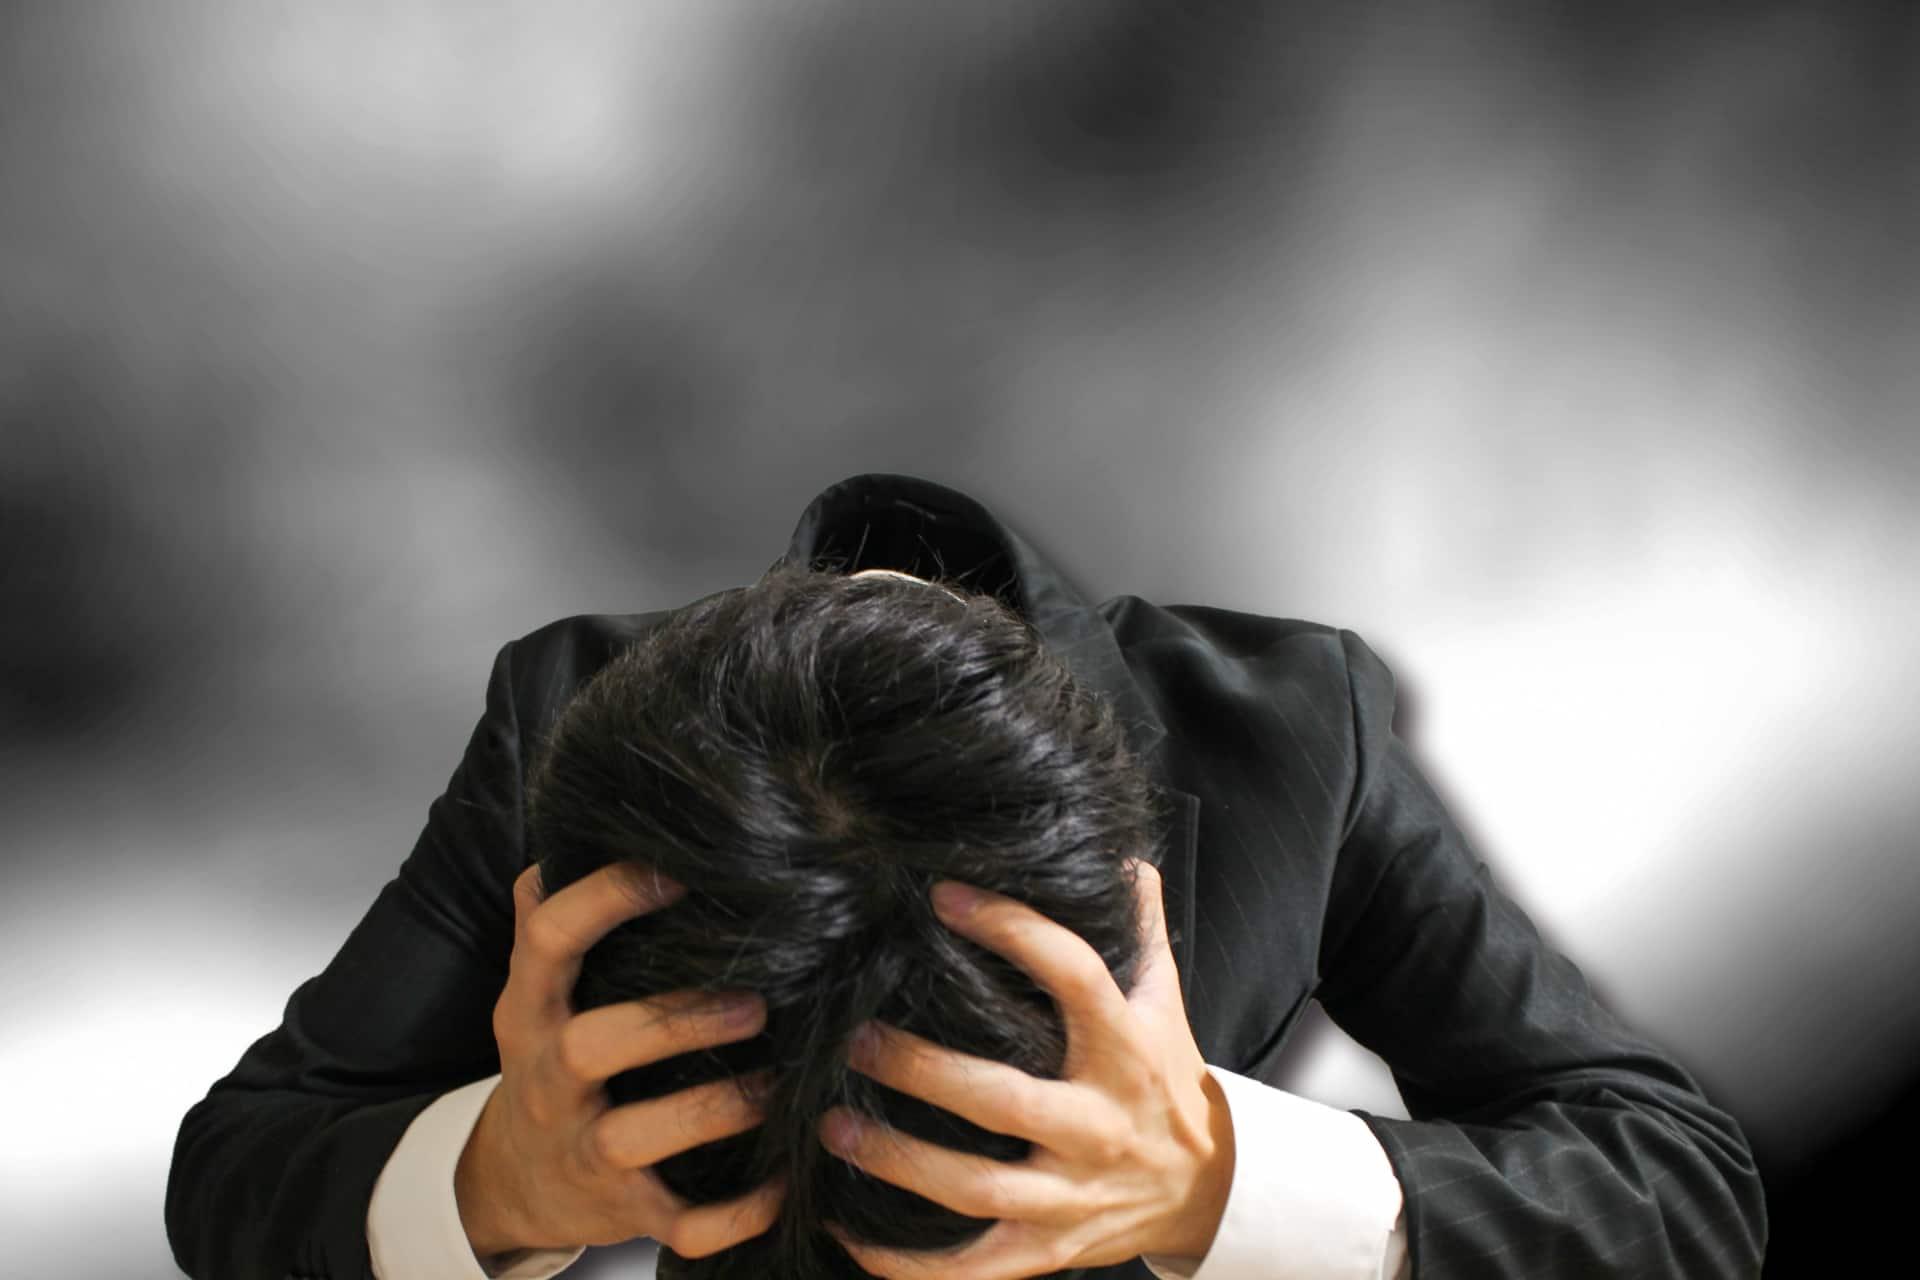 仕事が合わないと思ったら転職するべき?合わない場合の対処法を紹介